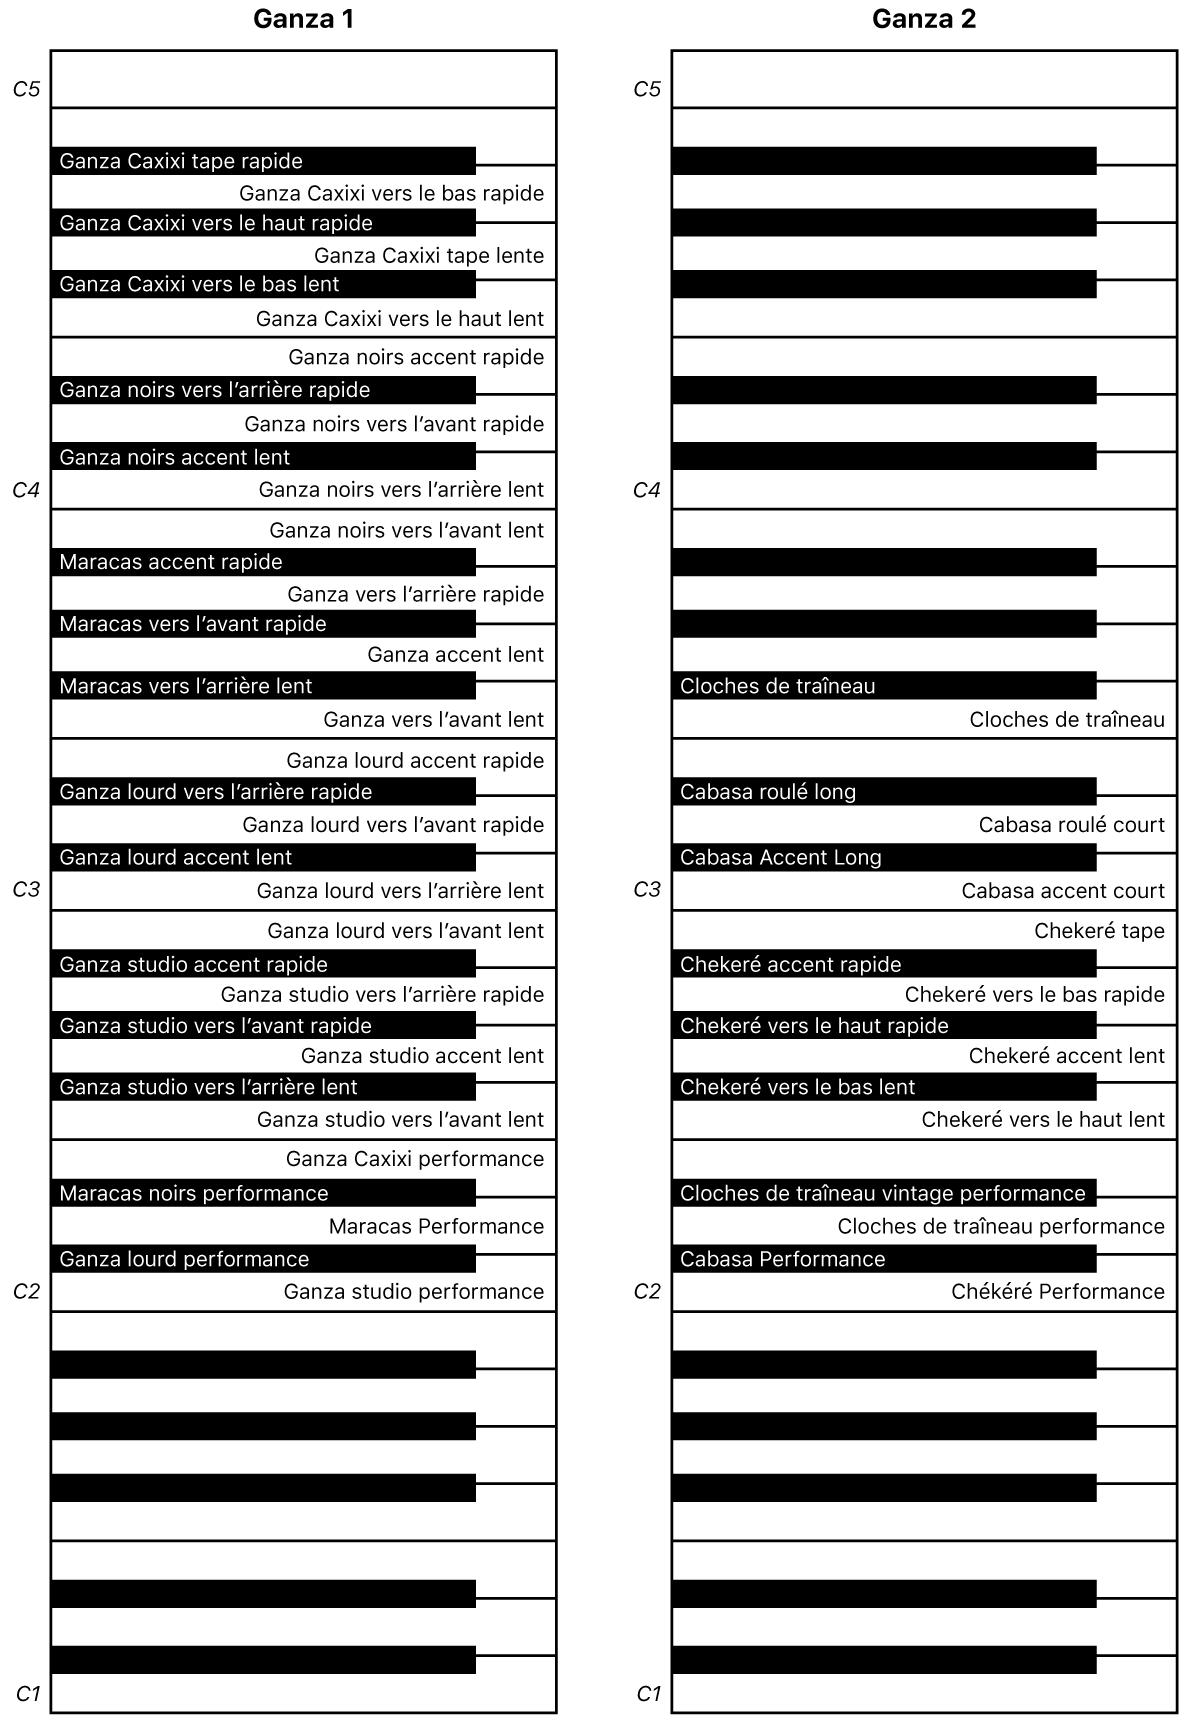 Figure. Mappage des touches de performance des percussions idiophones1 et 2.